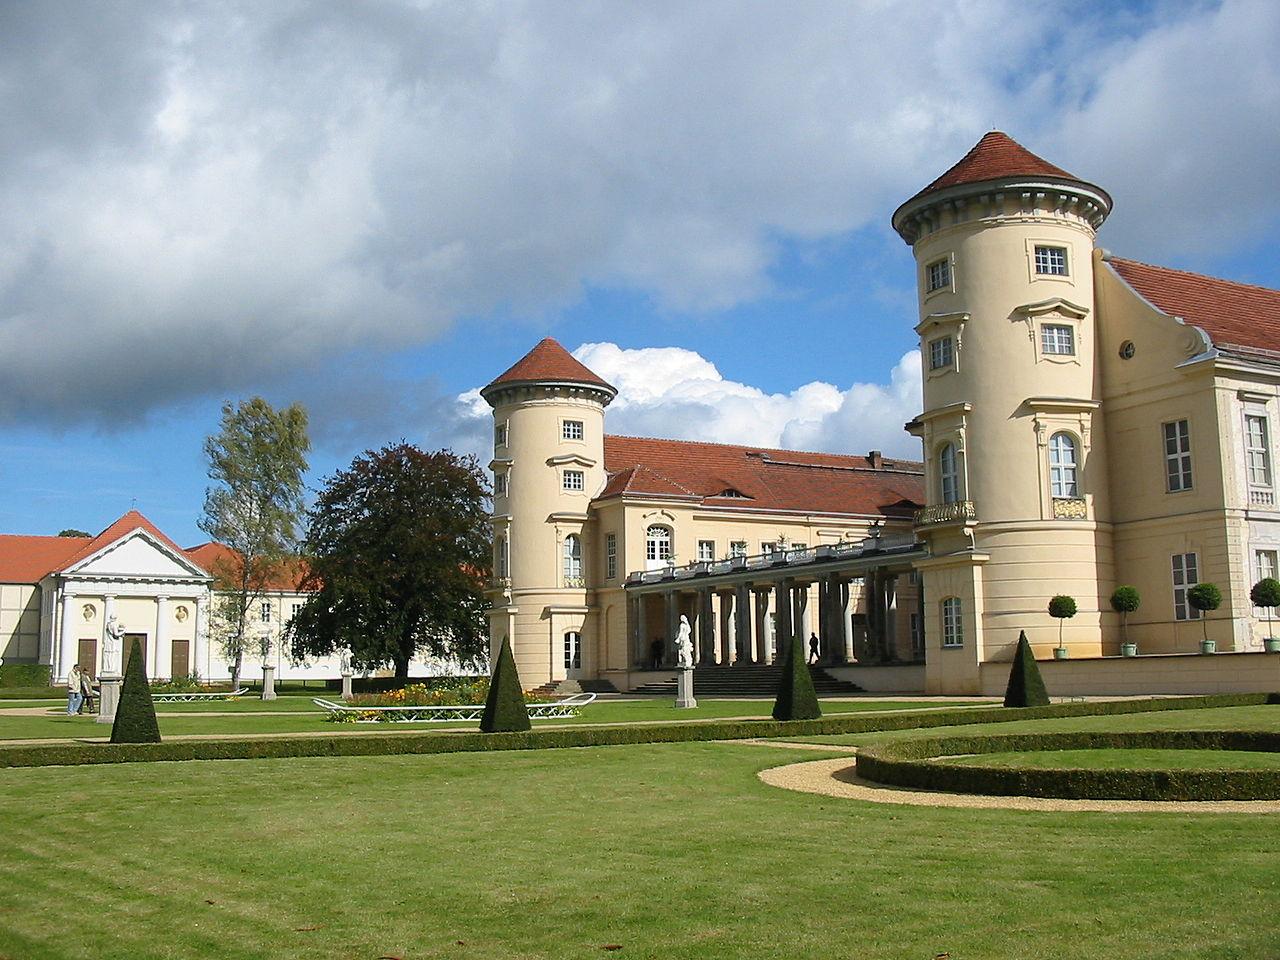 Bild Schloss Rheinsberg